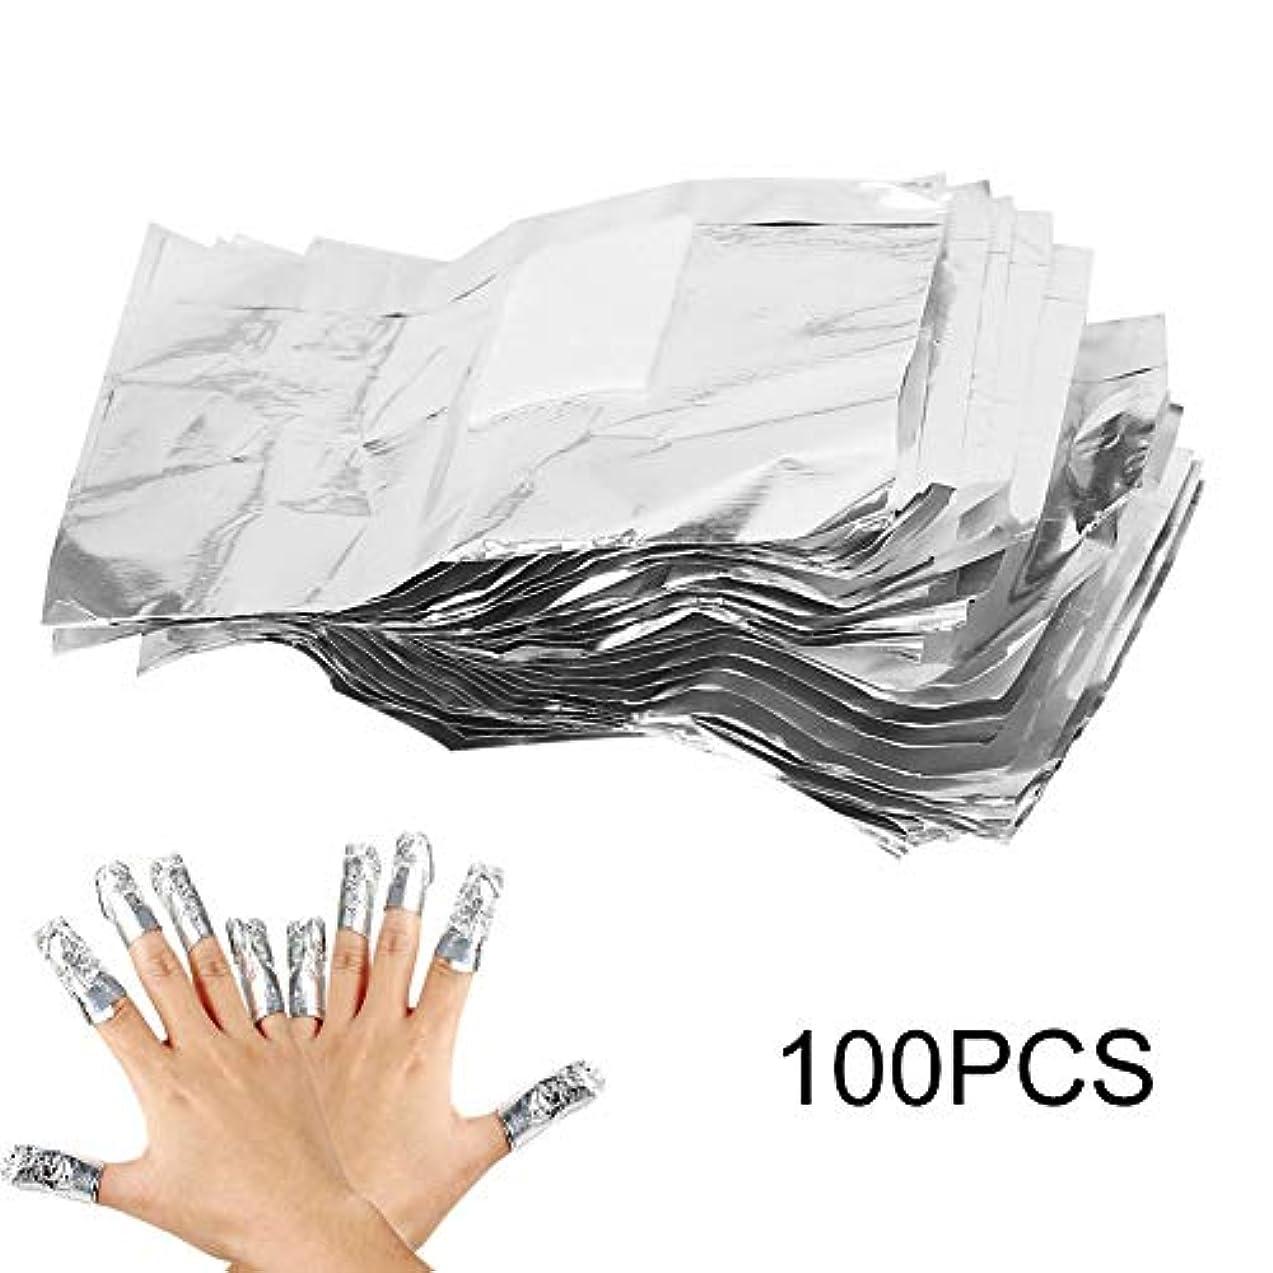 行列ラフレシアアルノルディ高めるネイルポリッシュリムーバークリップ マニキュアの除去剤 錫ホイル 100Pcs オレンジ 色棒付き紫外線ゲルの除去剤の綿パッドを包みます